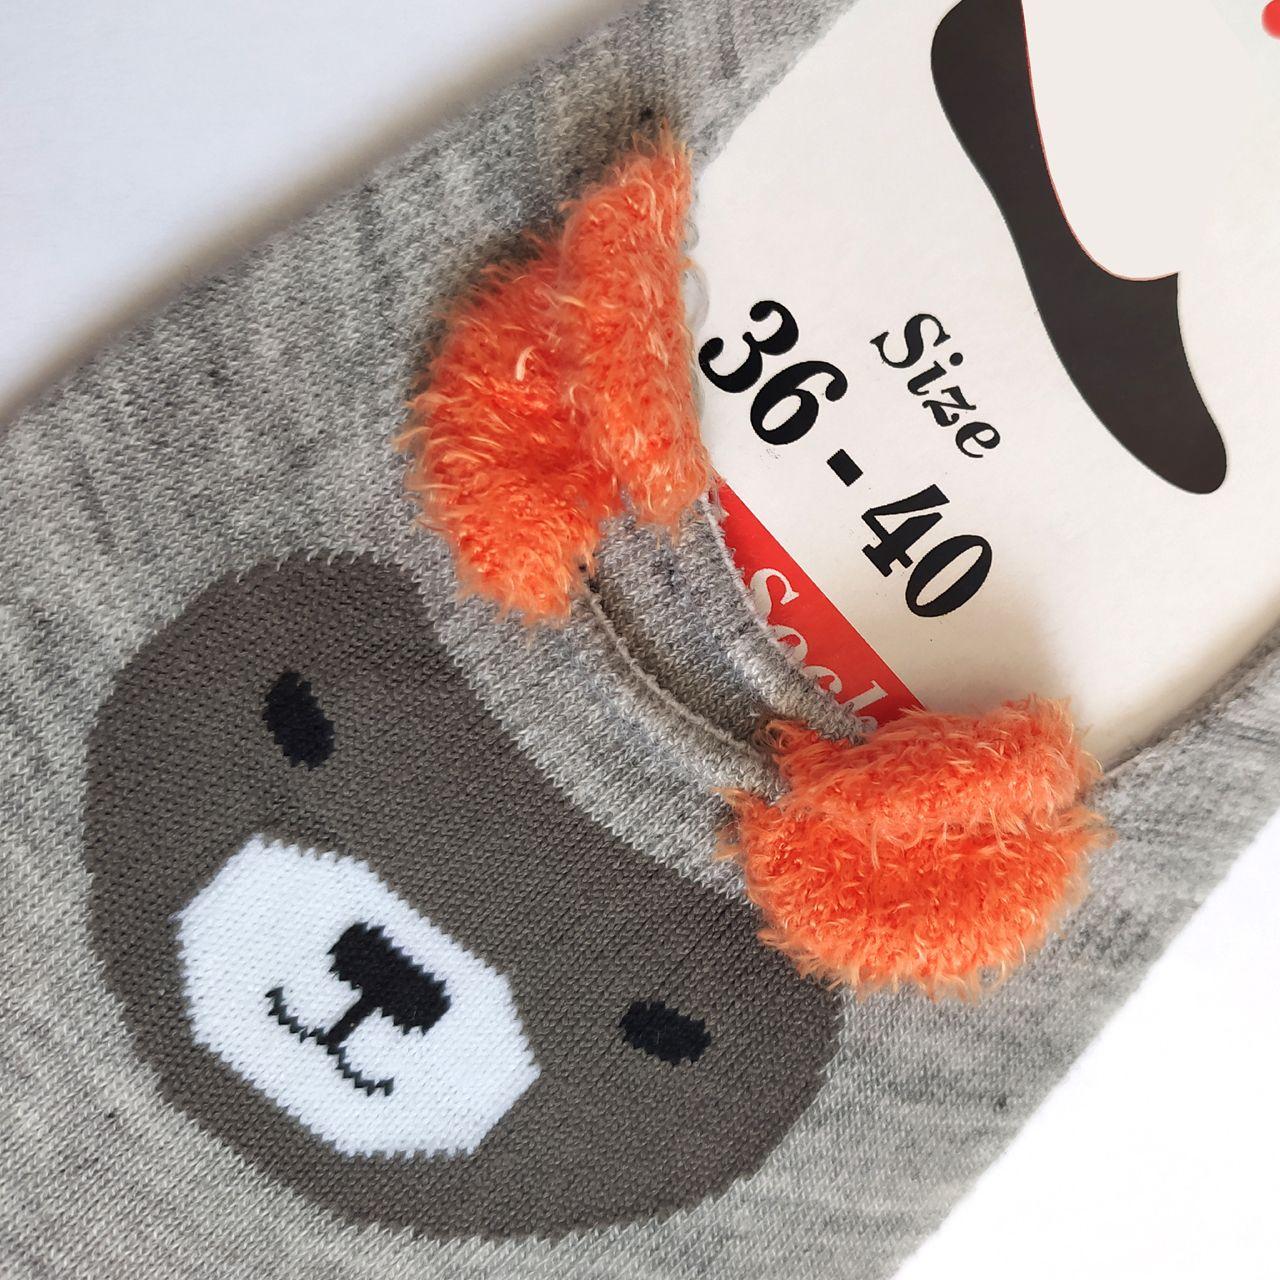 جوراب زنانه پی.تی طرح خرس کد J013 -  - 3